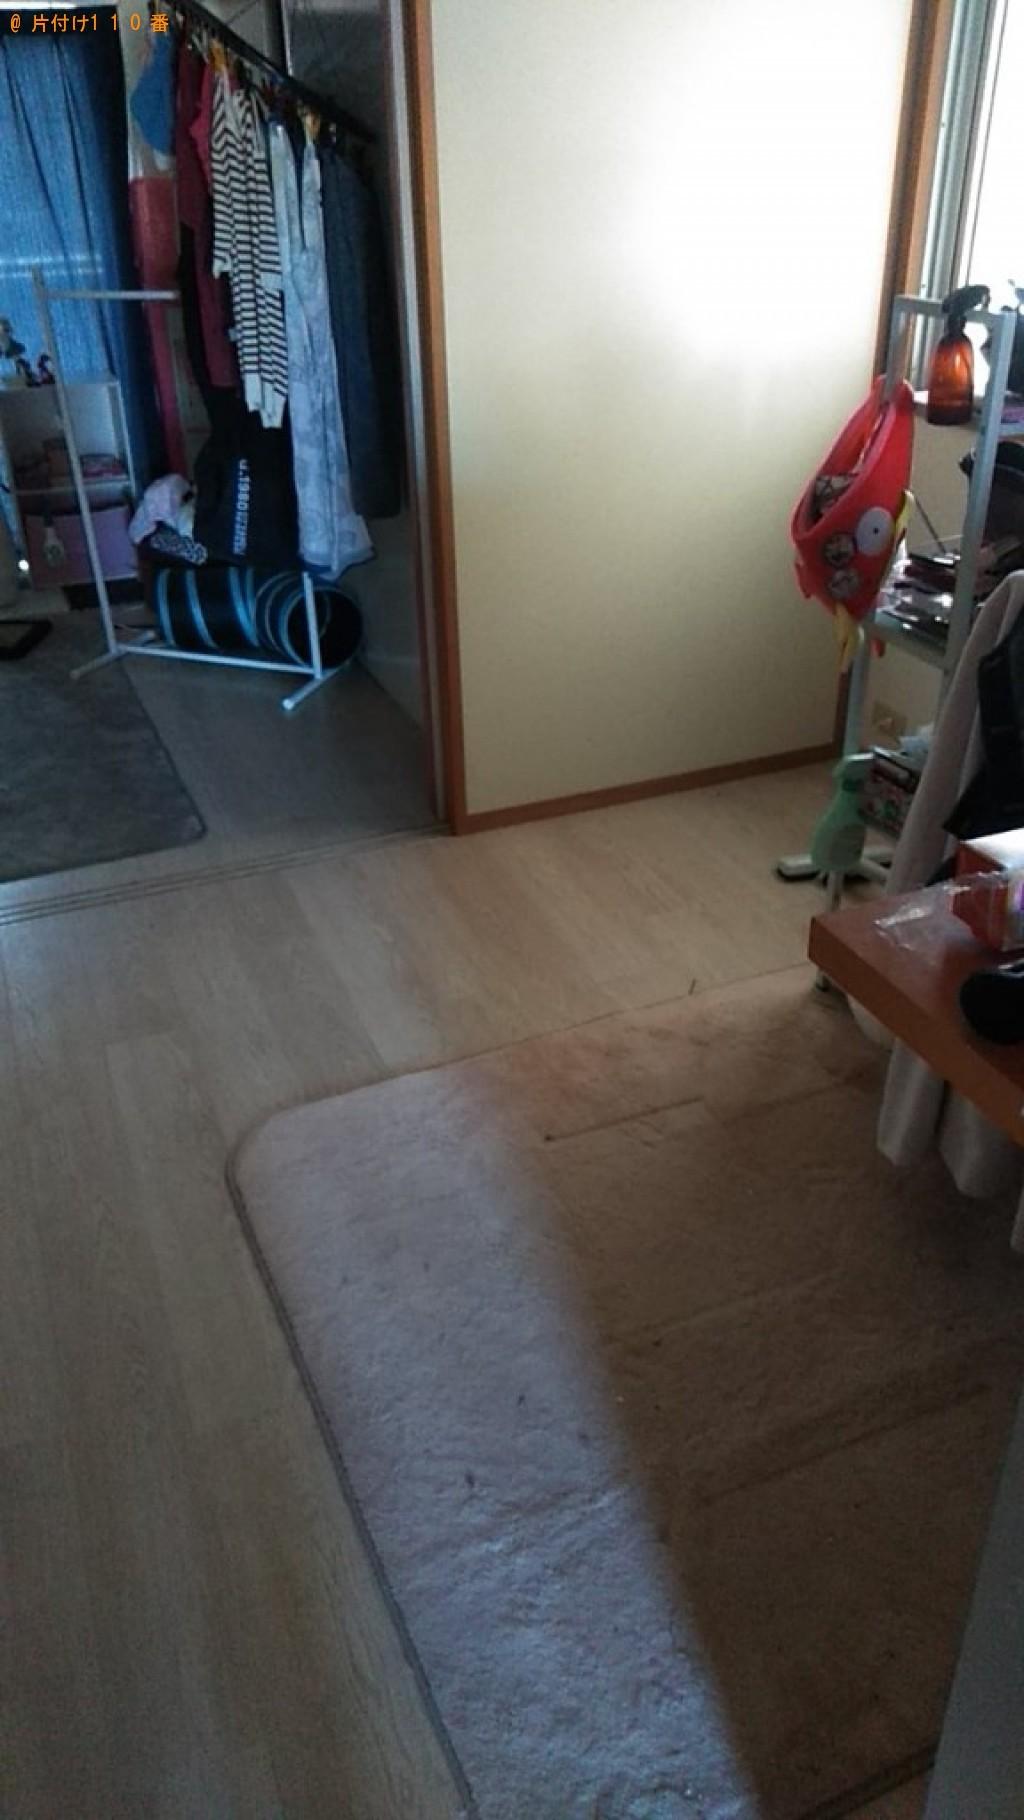 【松山市三番町】三段ボックス、机、タンス等の回収・処分ご依頼